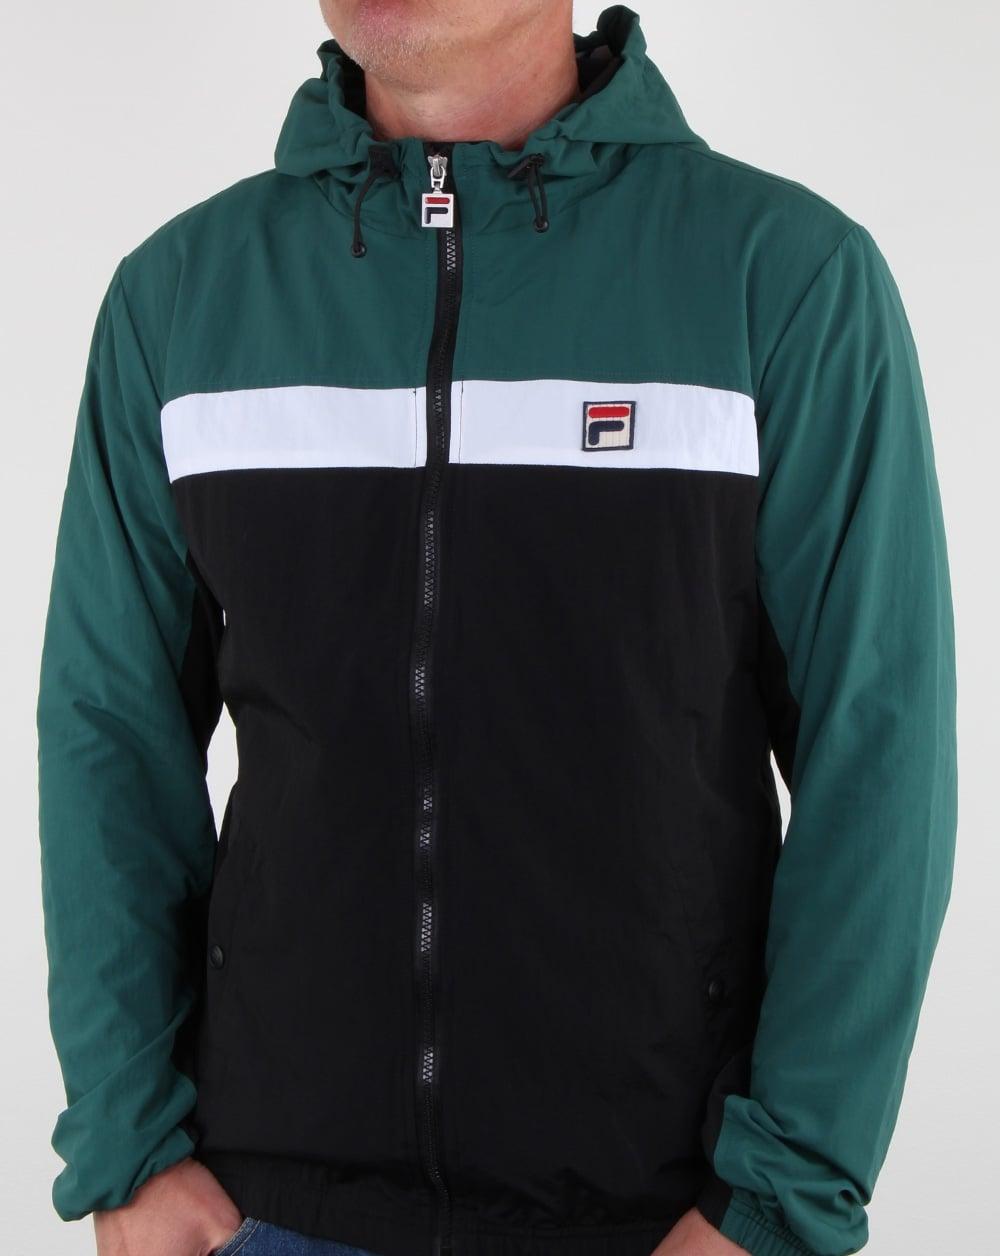 8430d98a6ea7c Fila Vintage Clipper Jacket Black